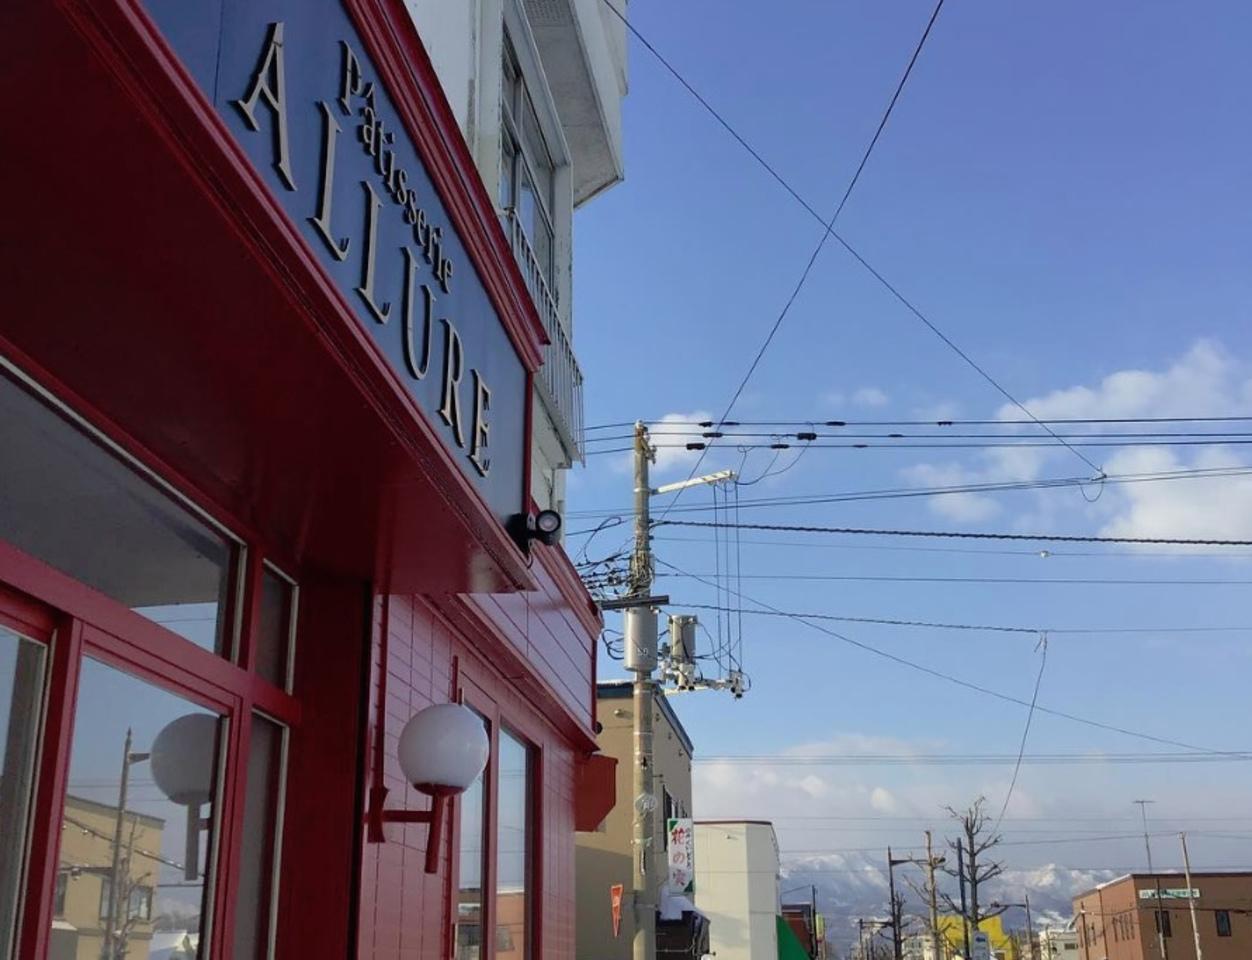 北海道石狩市花川南1条3丁目に「パティスリーアリュール」が本日グランドオープンされたようです。